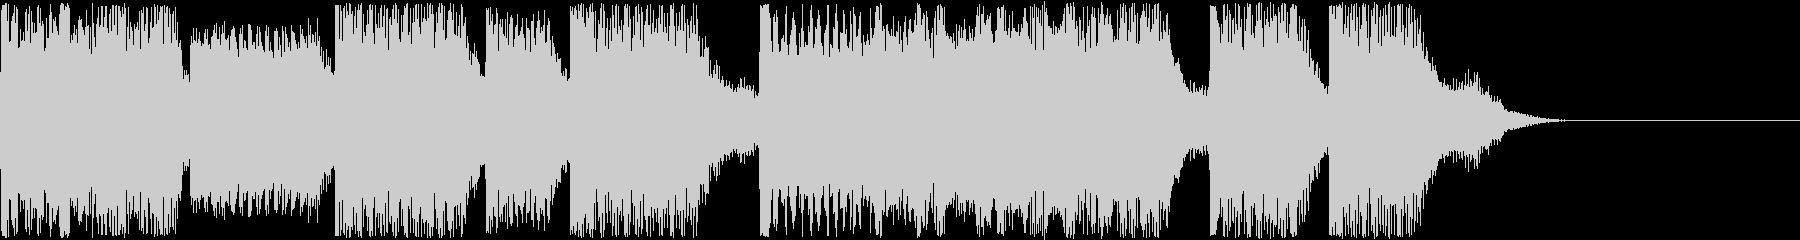 AI メカ/ロボ/マシン動作音 4の未再生の波形